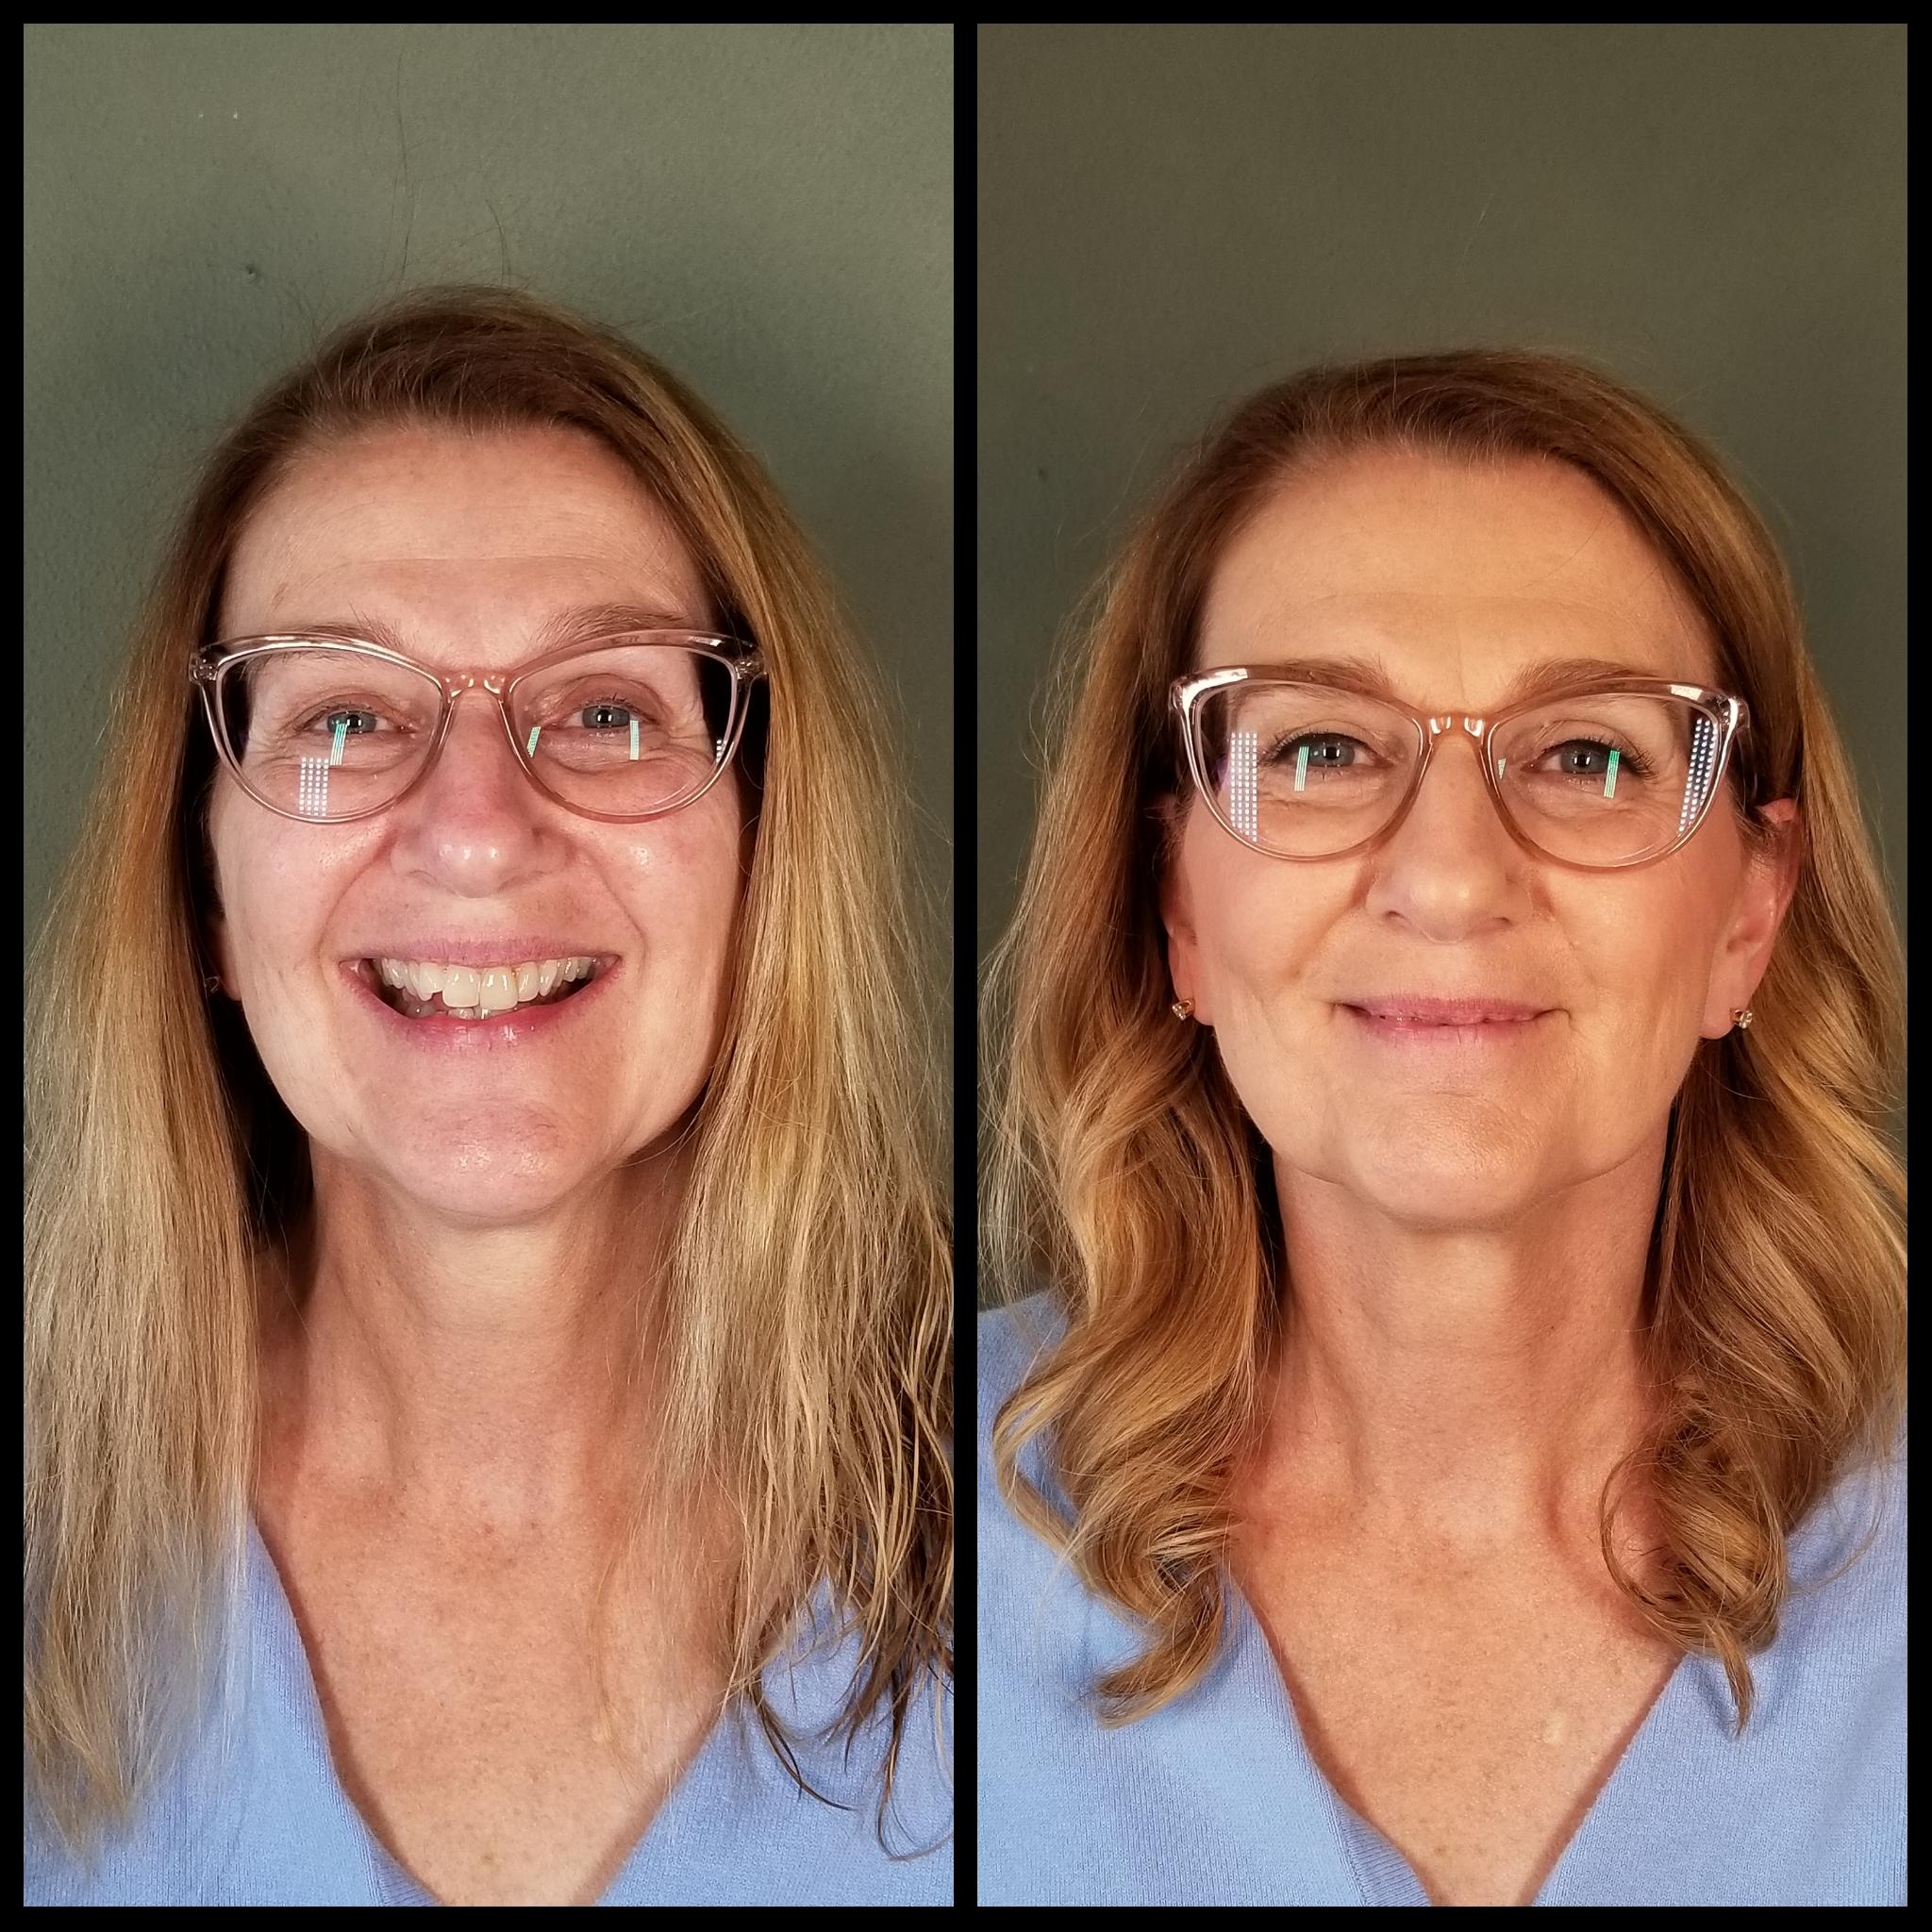 Natural MOB Airbrush Makeup with Lashes Luminous Beauty Hair & Makeup.jpg